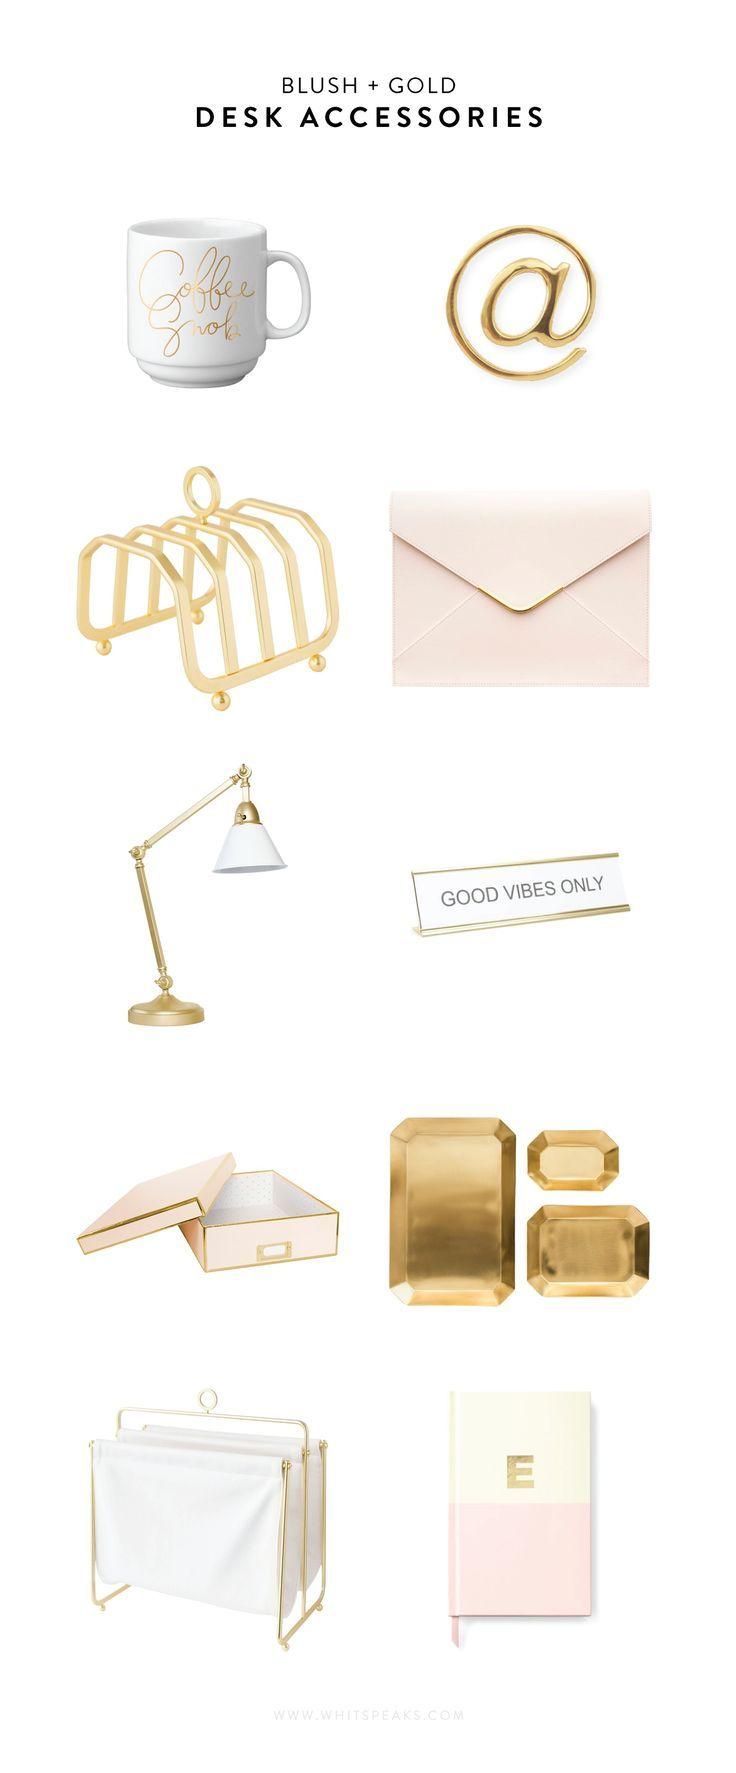 Résultats de recherche d'images pour «tropical blush desk accessories»